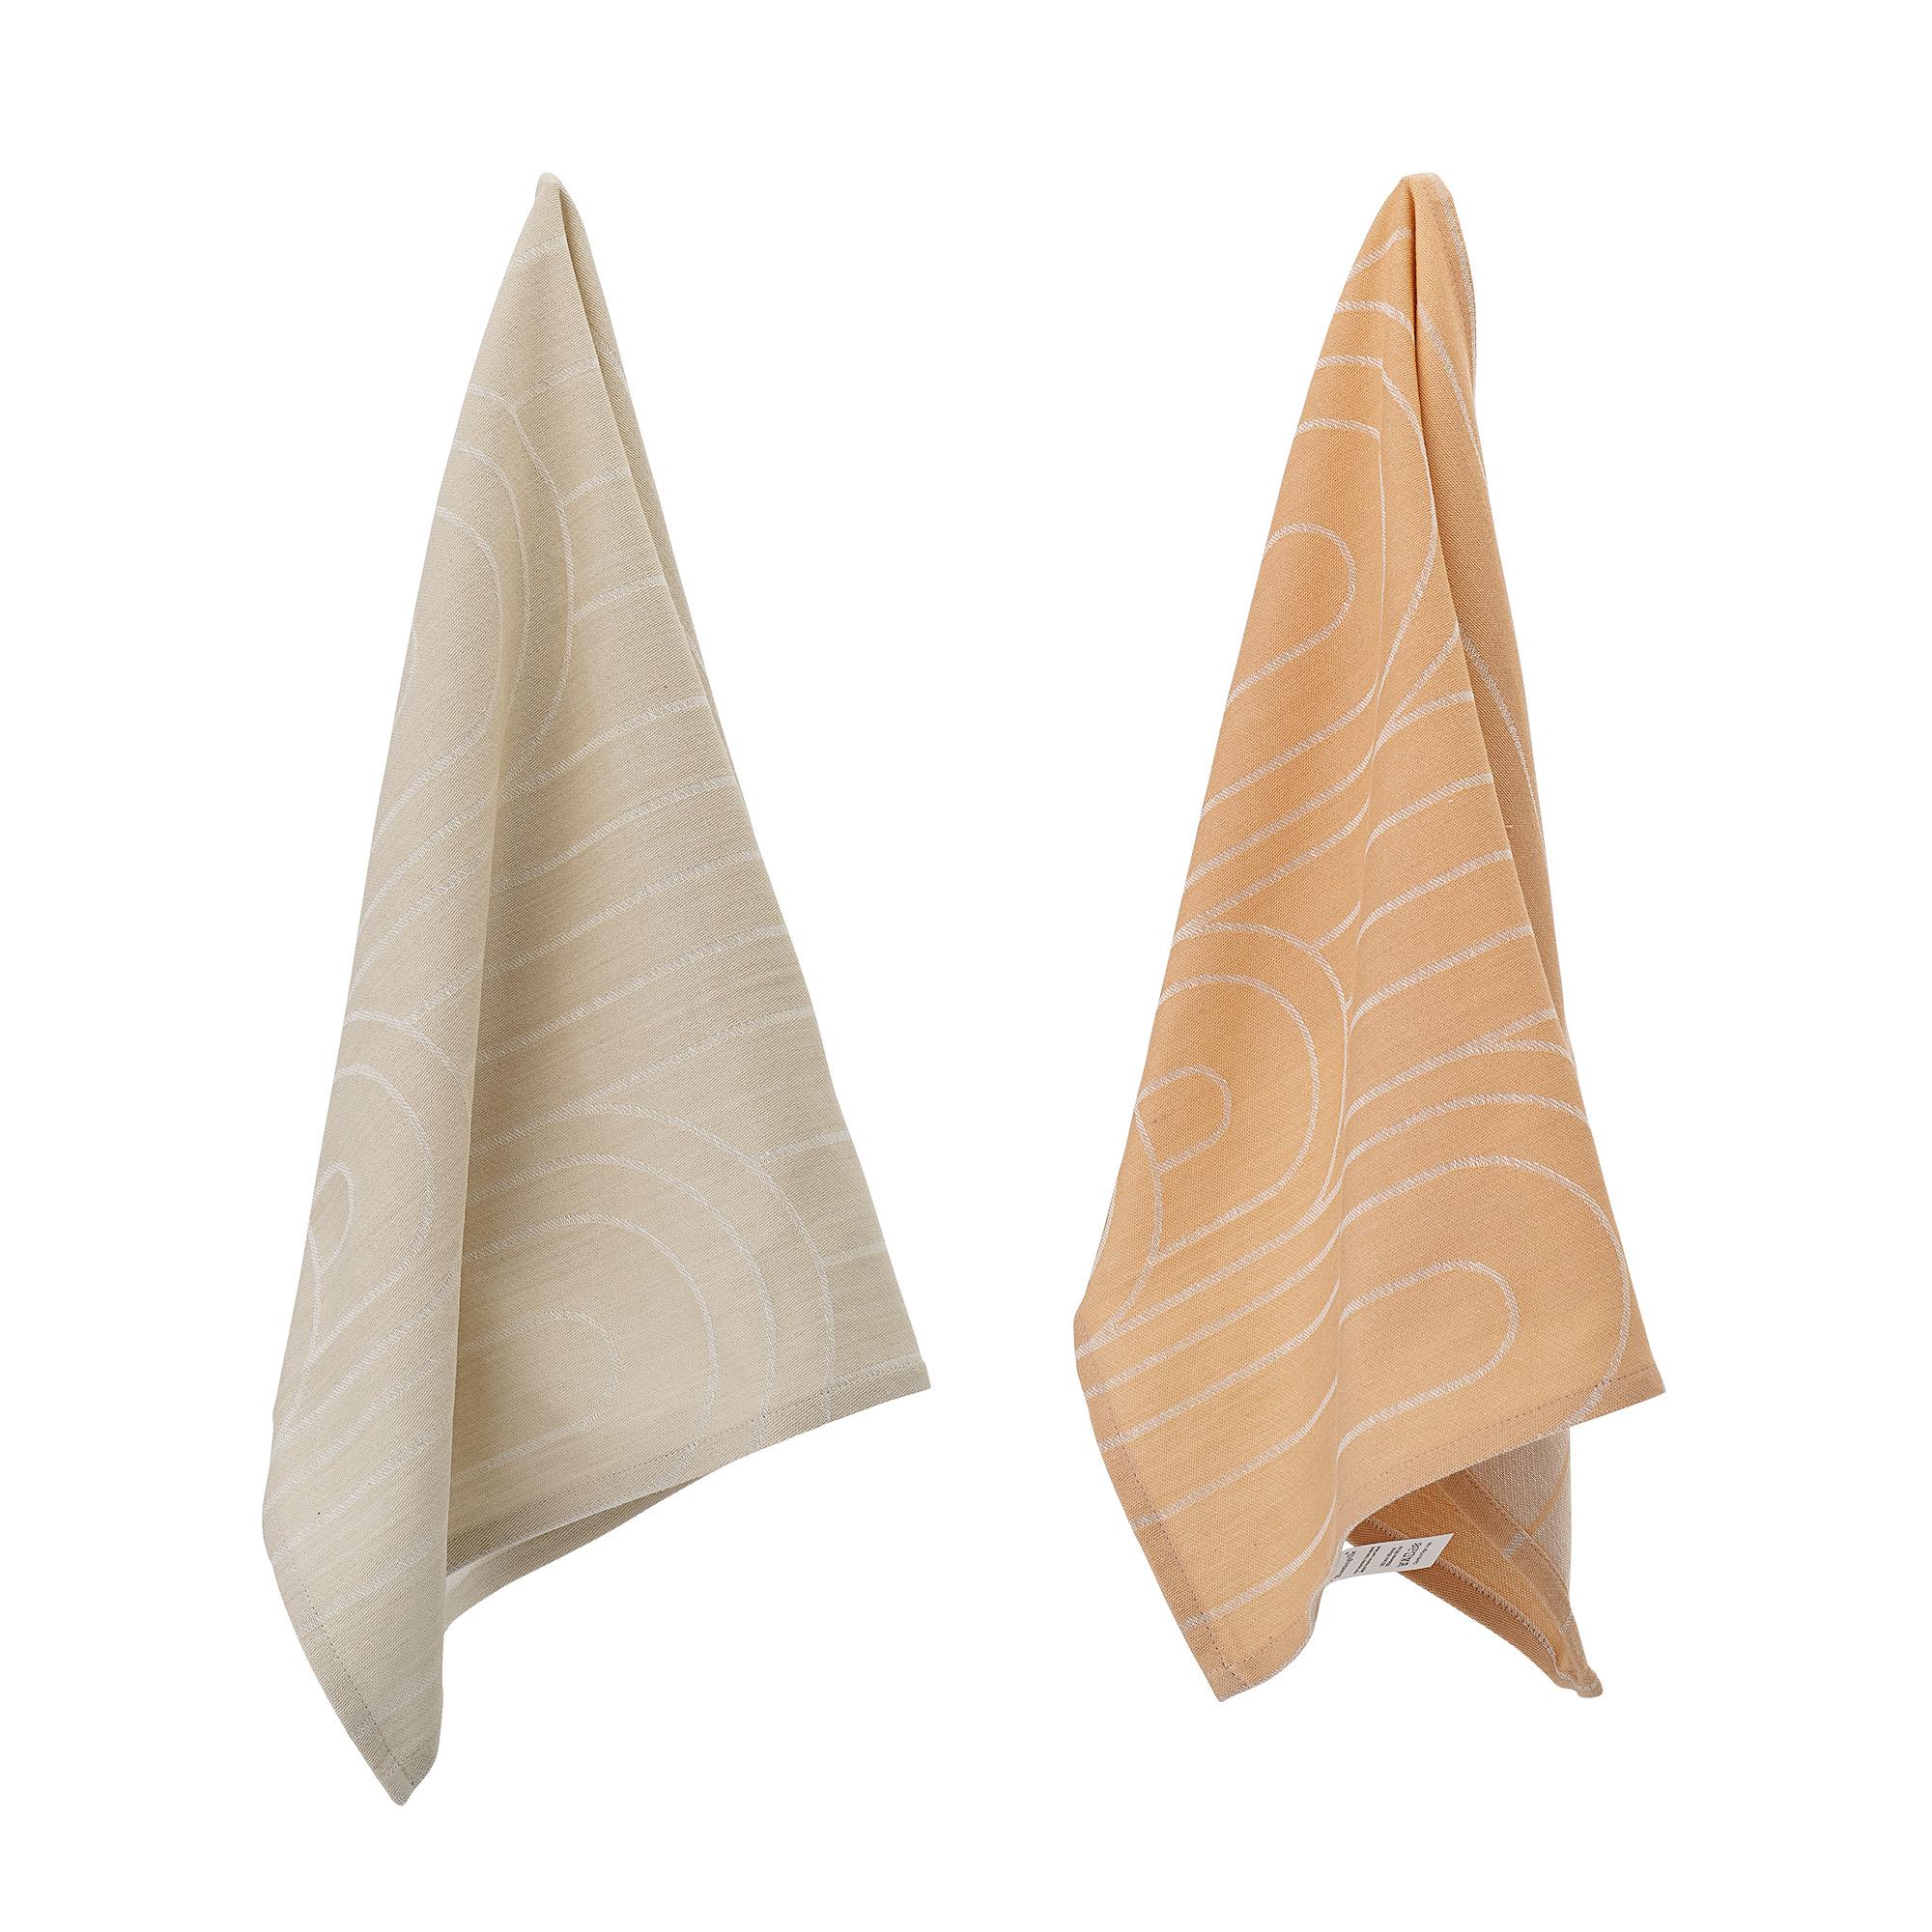 Archway tea towel - pack 2